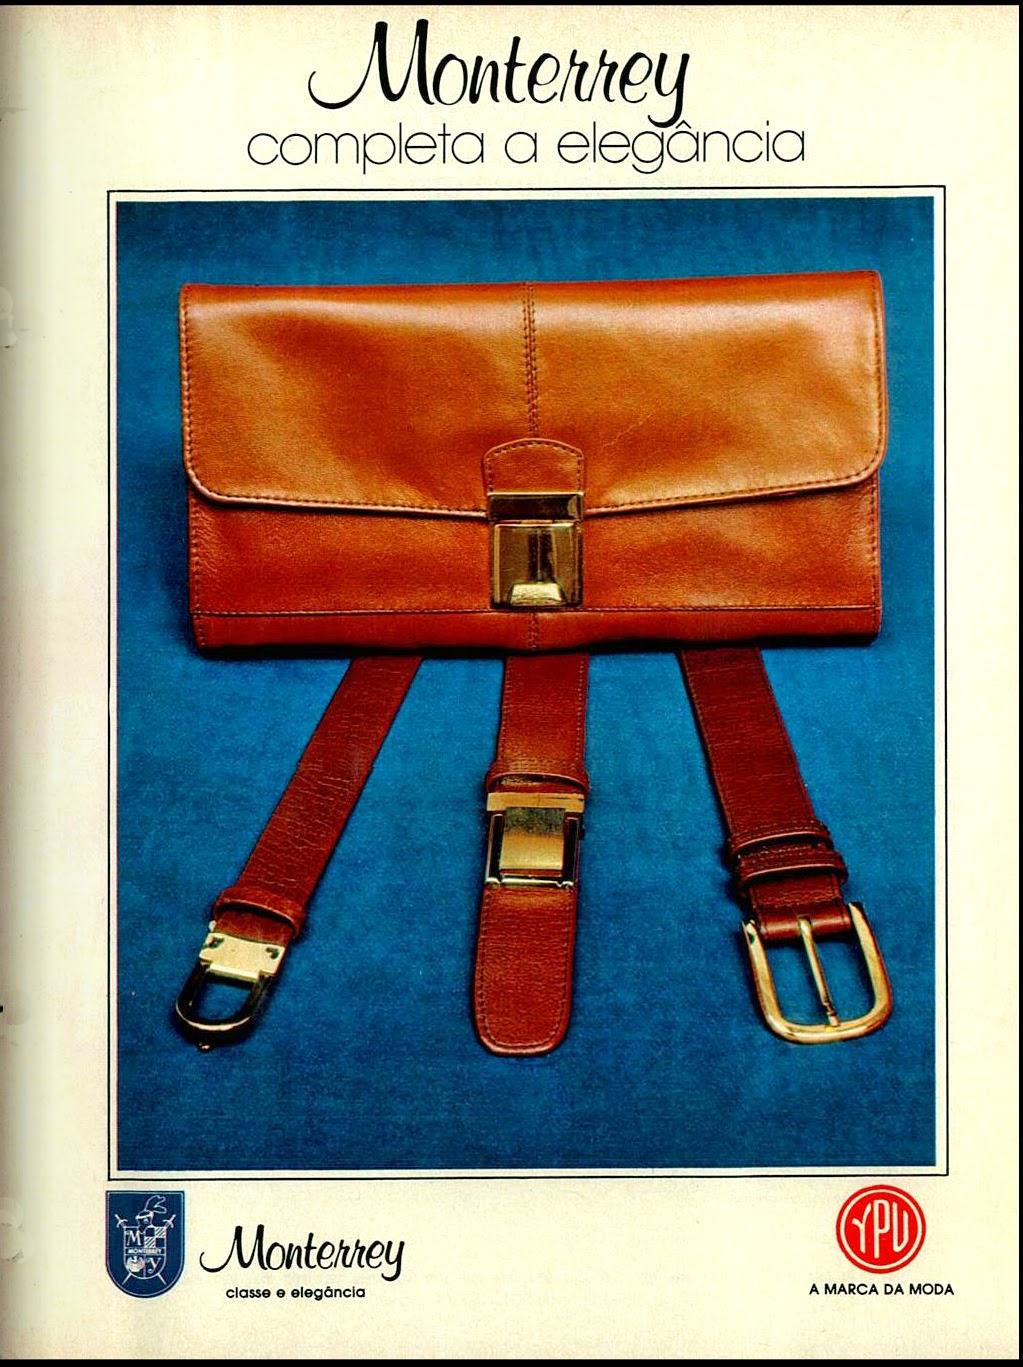 capanga. moda anos 70. década de 70. história década de 70. Oswaldo Hernandez.